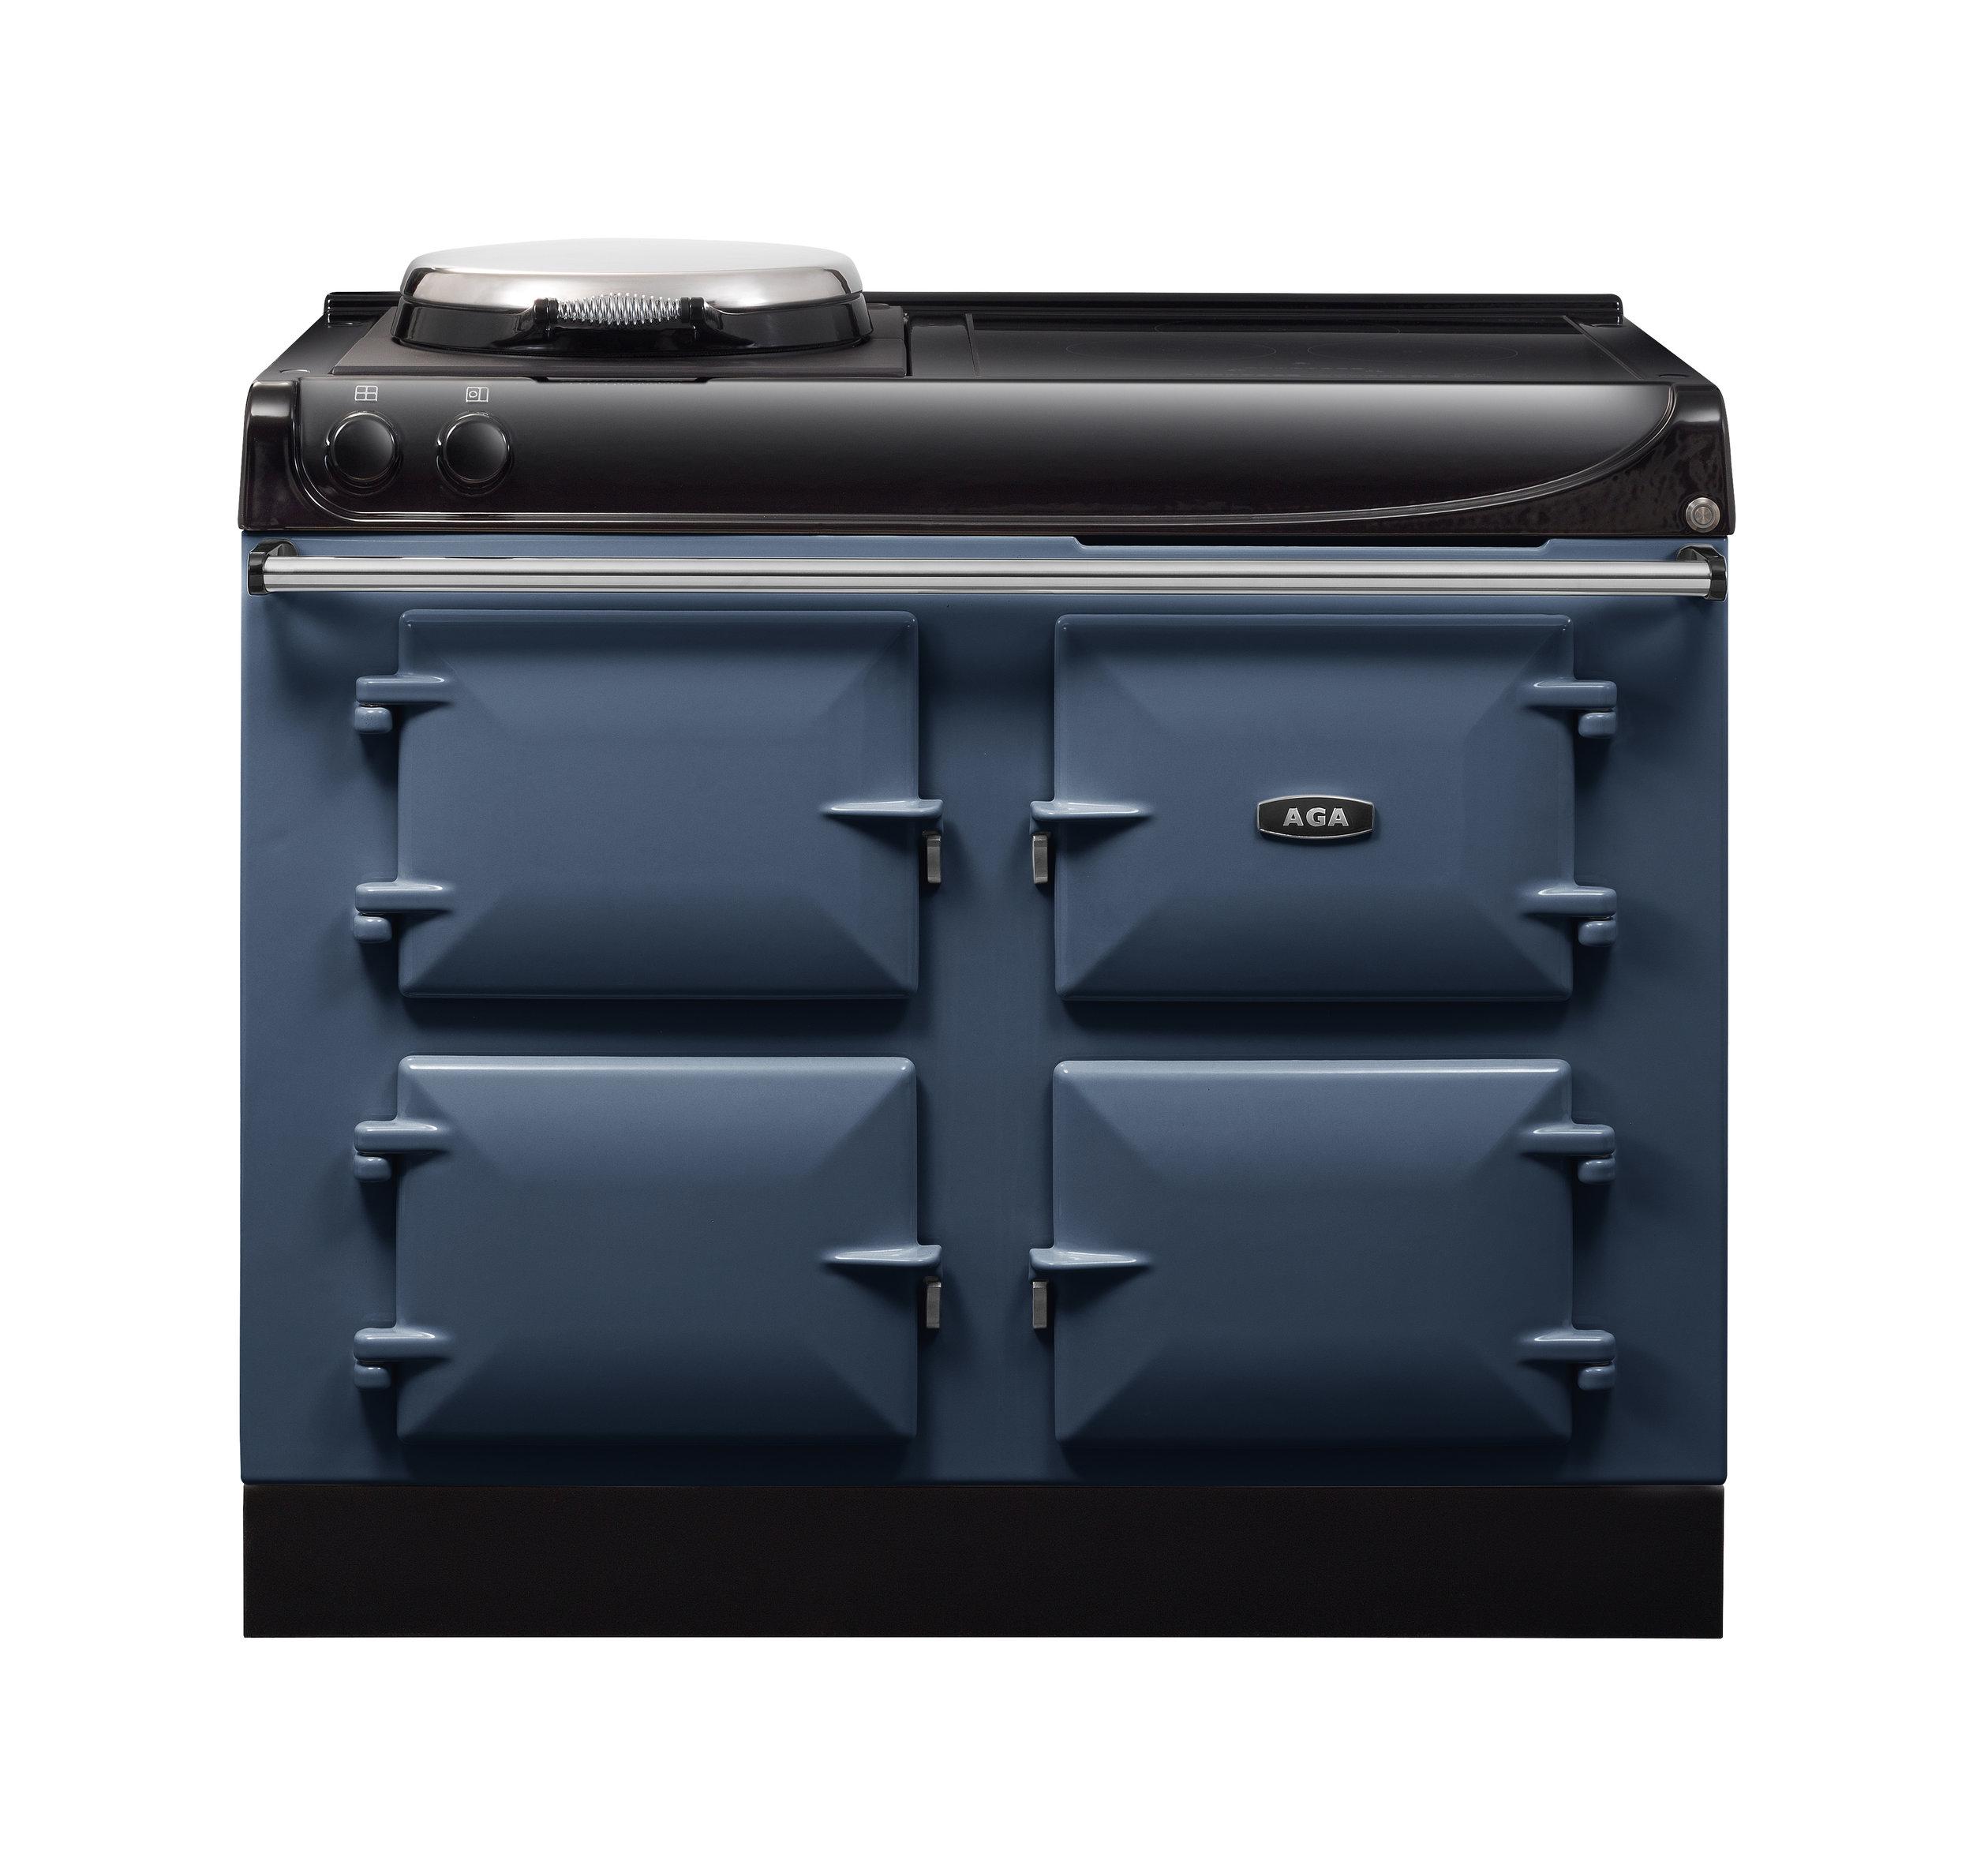 AGA 3 Series 110_Dartmouth Blue.jpg